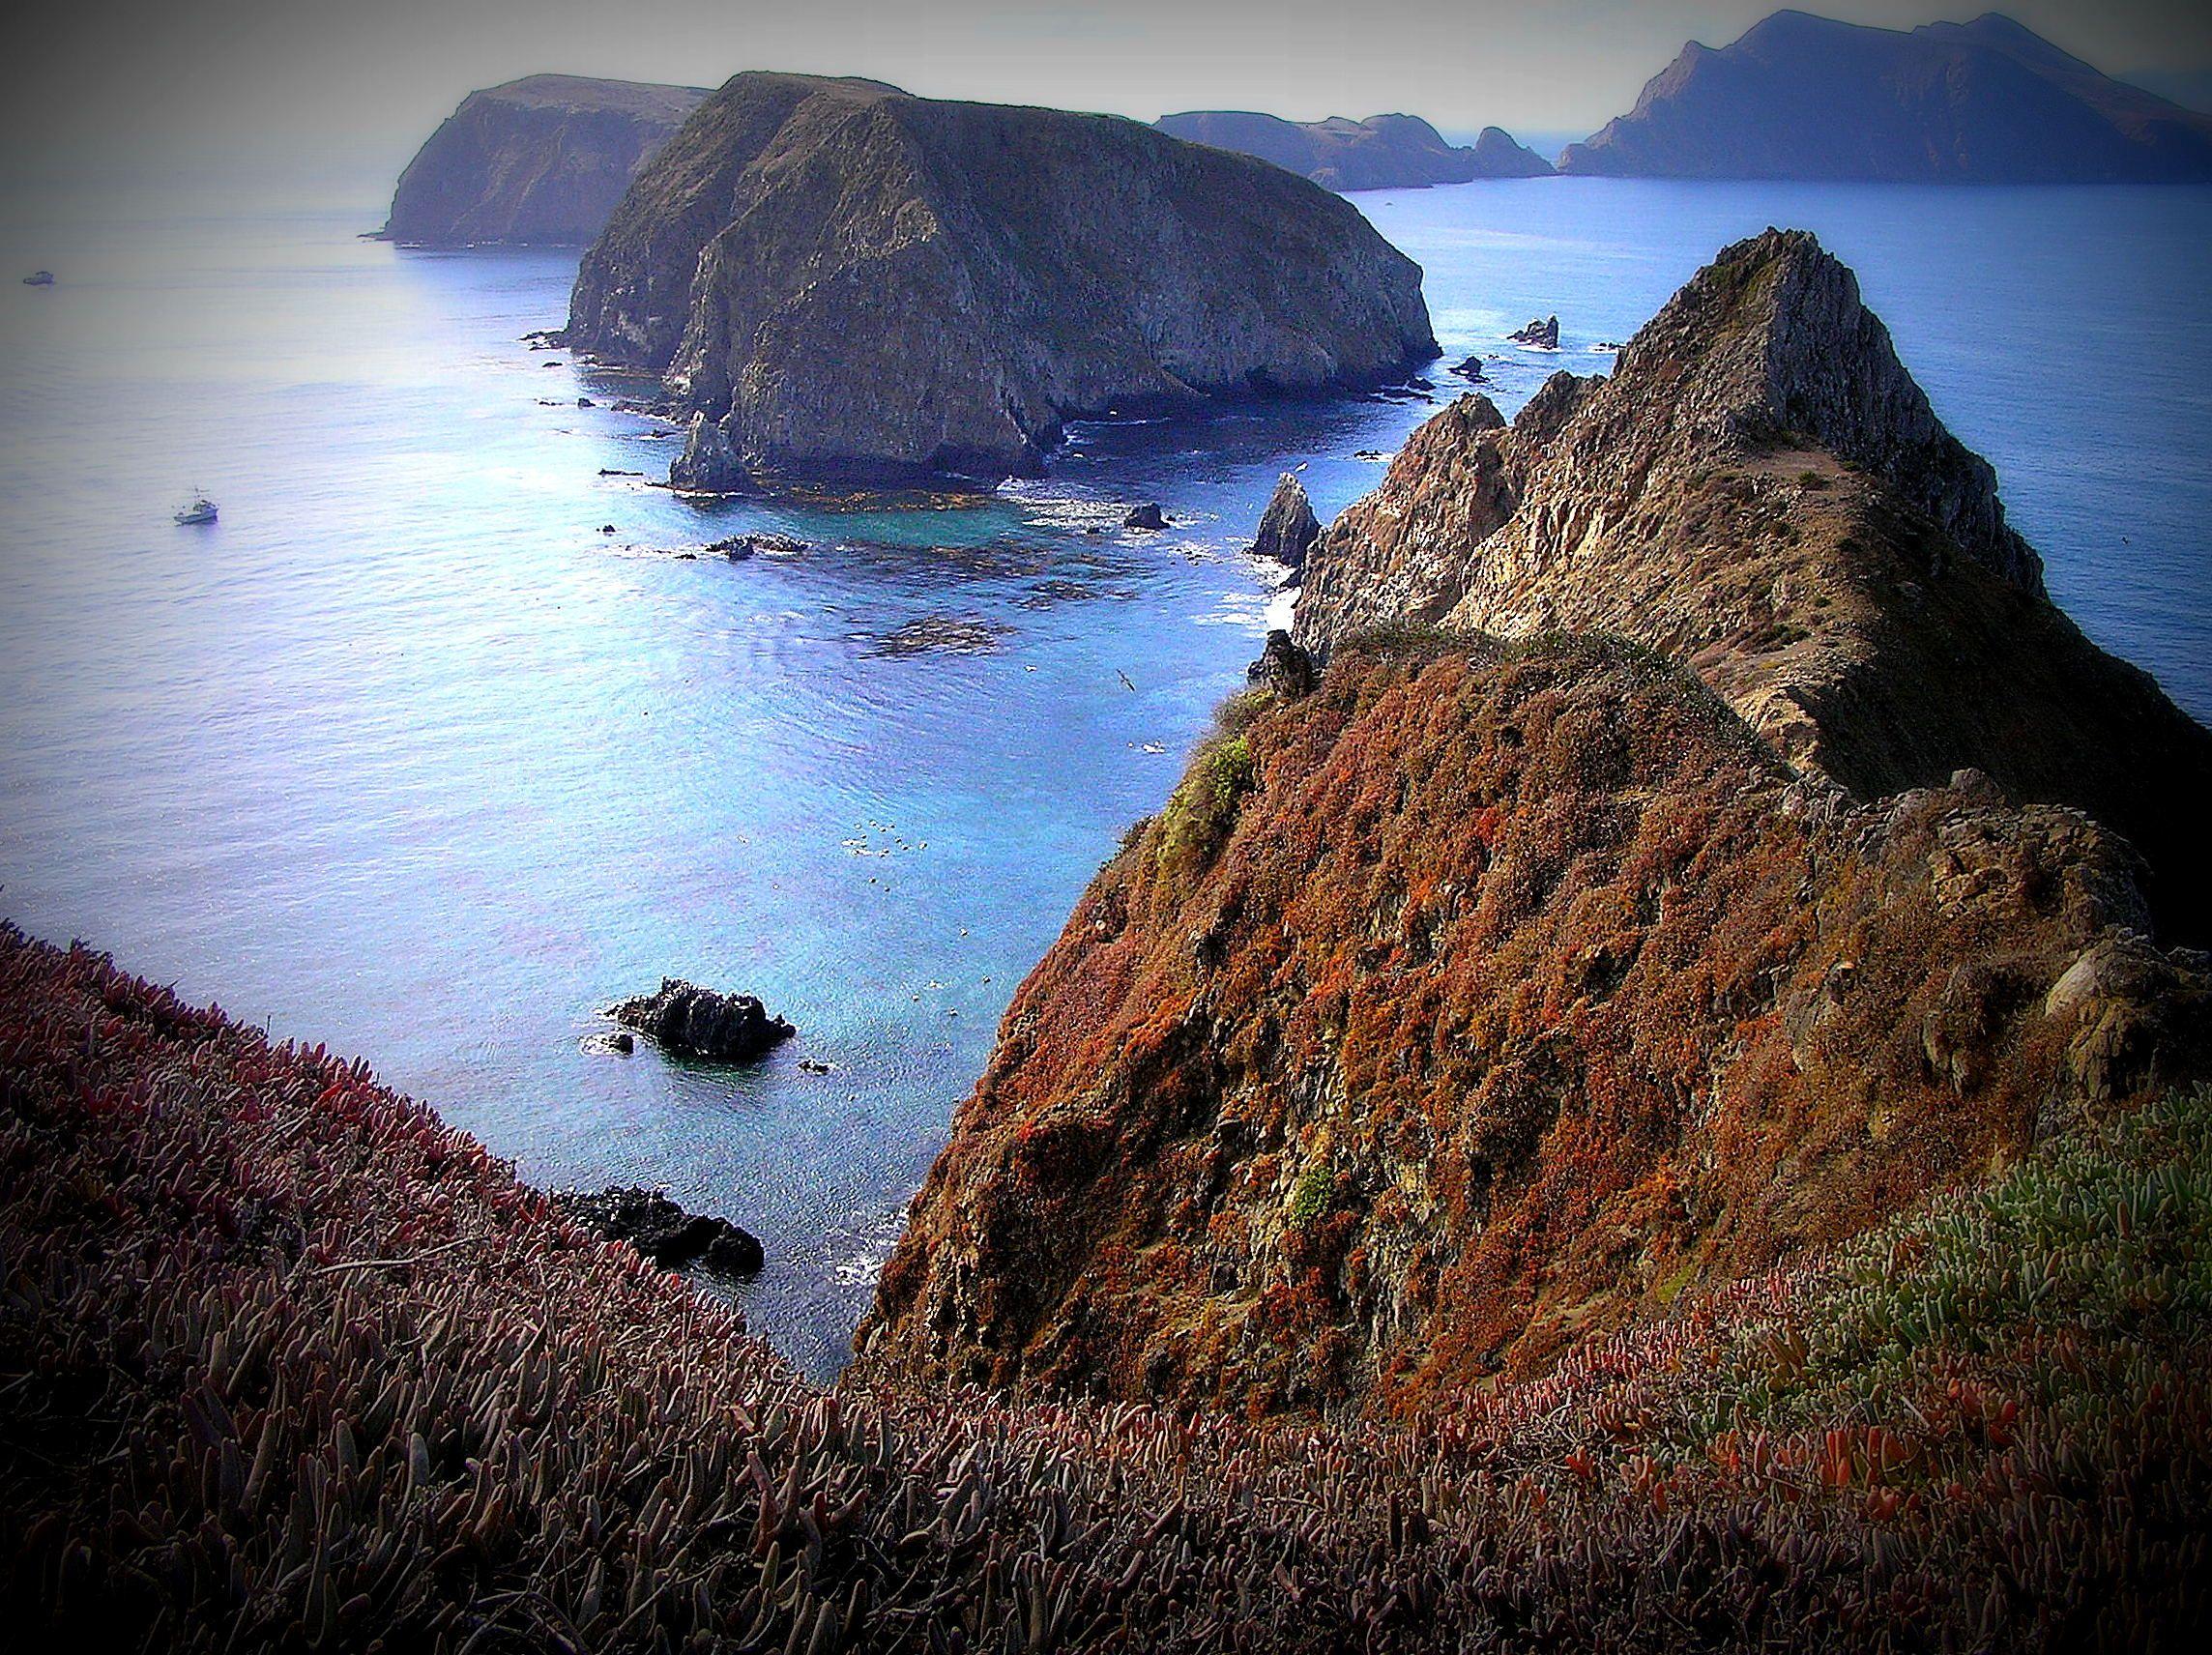 E Channel Islands